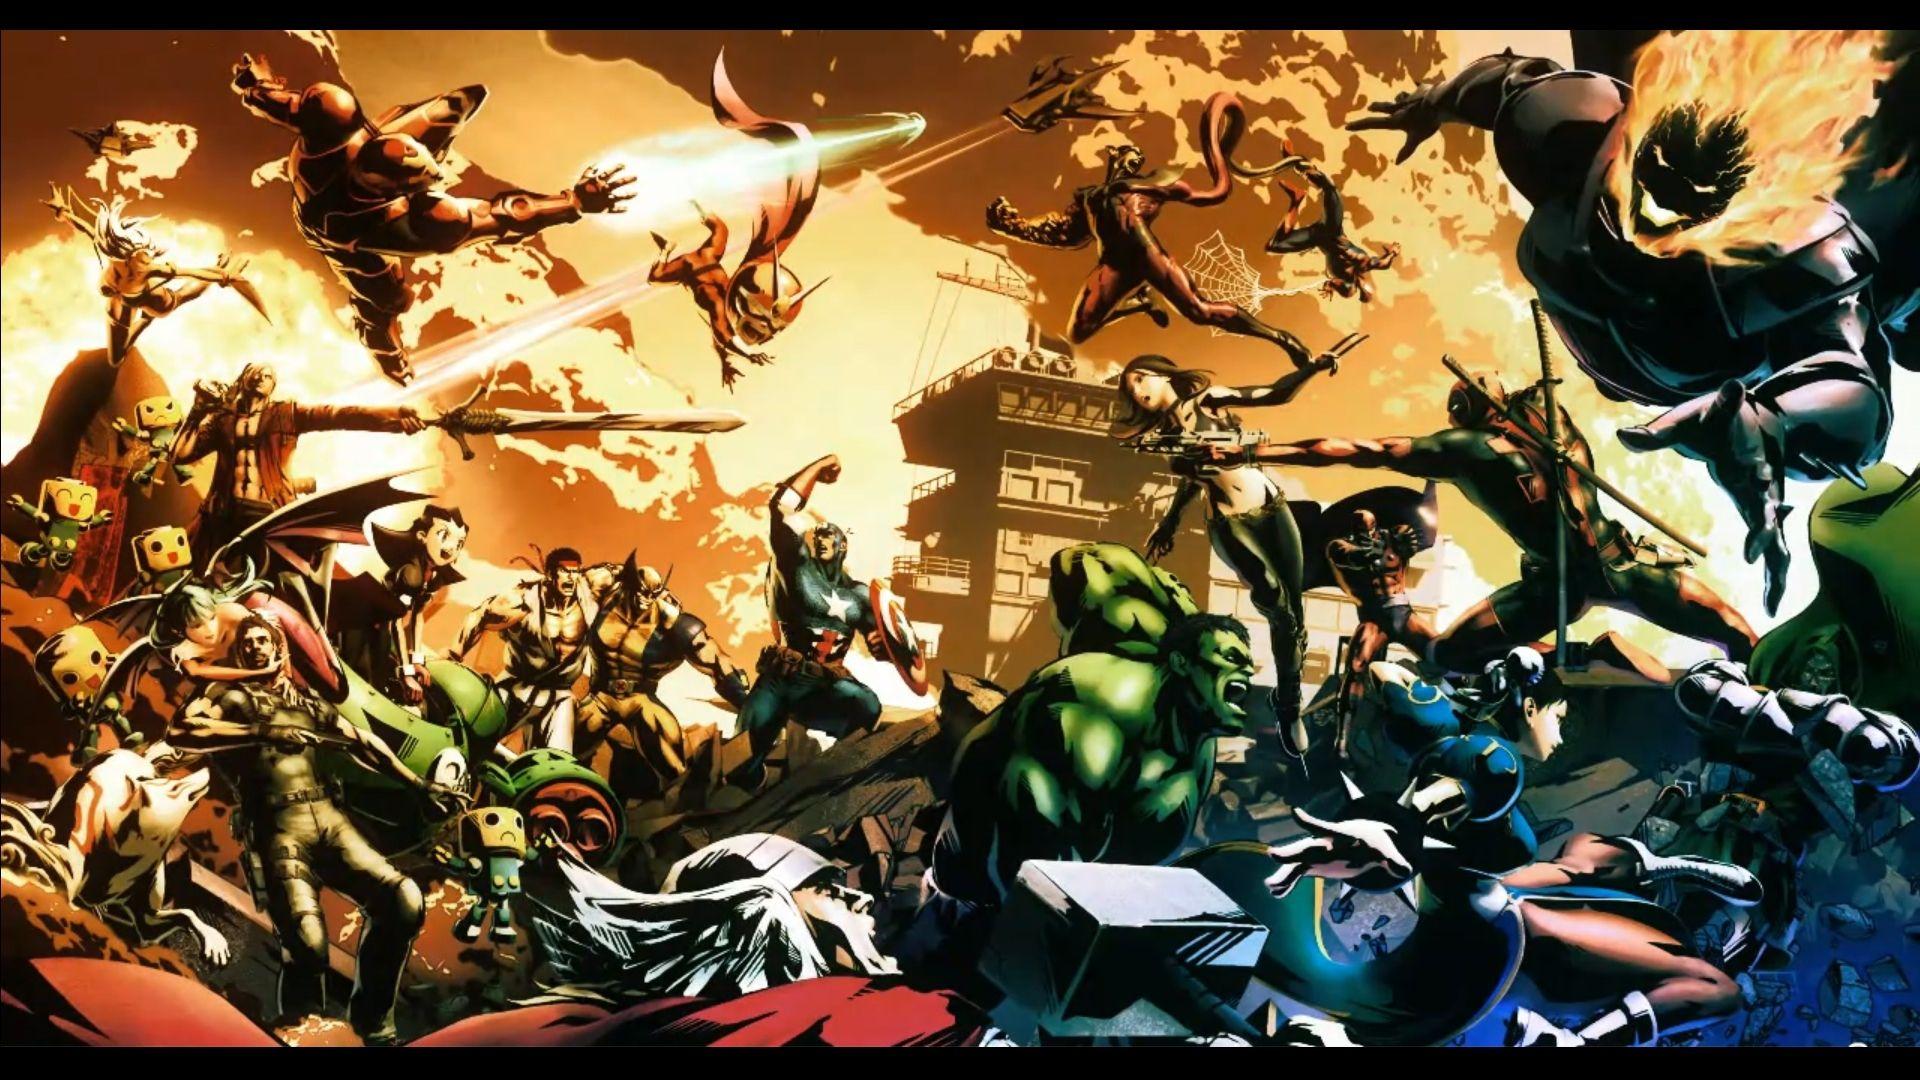 Pin by gk on Game Art | Ultimate marvel, Marvel vs, Marvel